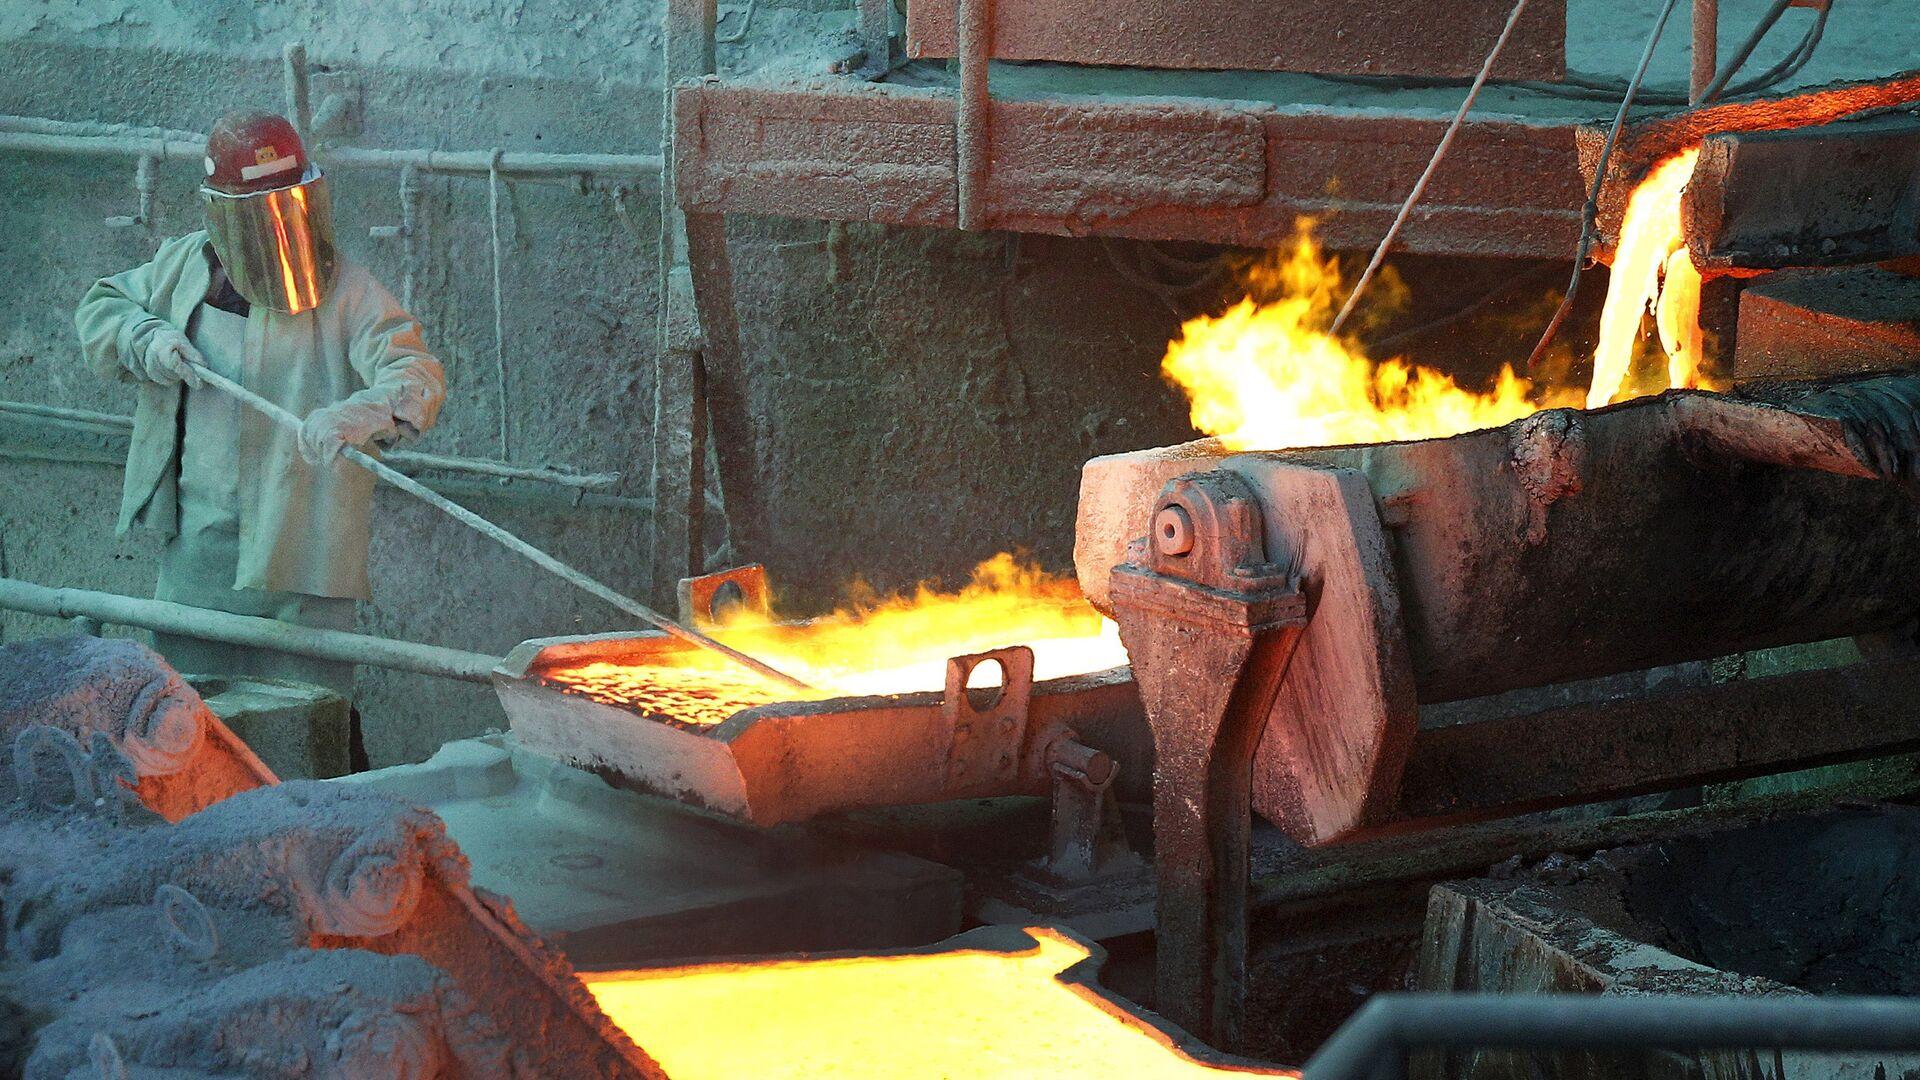 El procesamiento del cobre en Chile - Sputnik Mundo, 1920, 31.03.2021